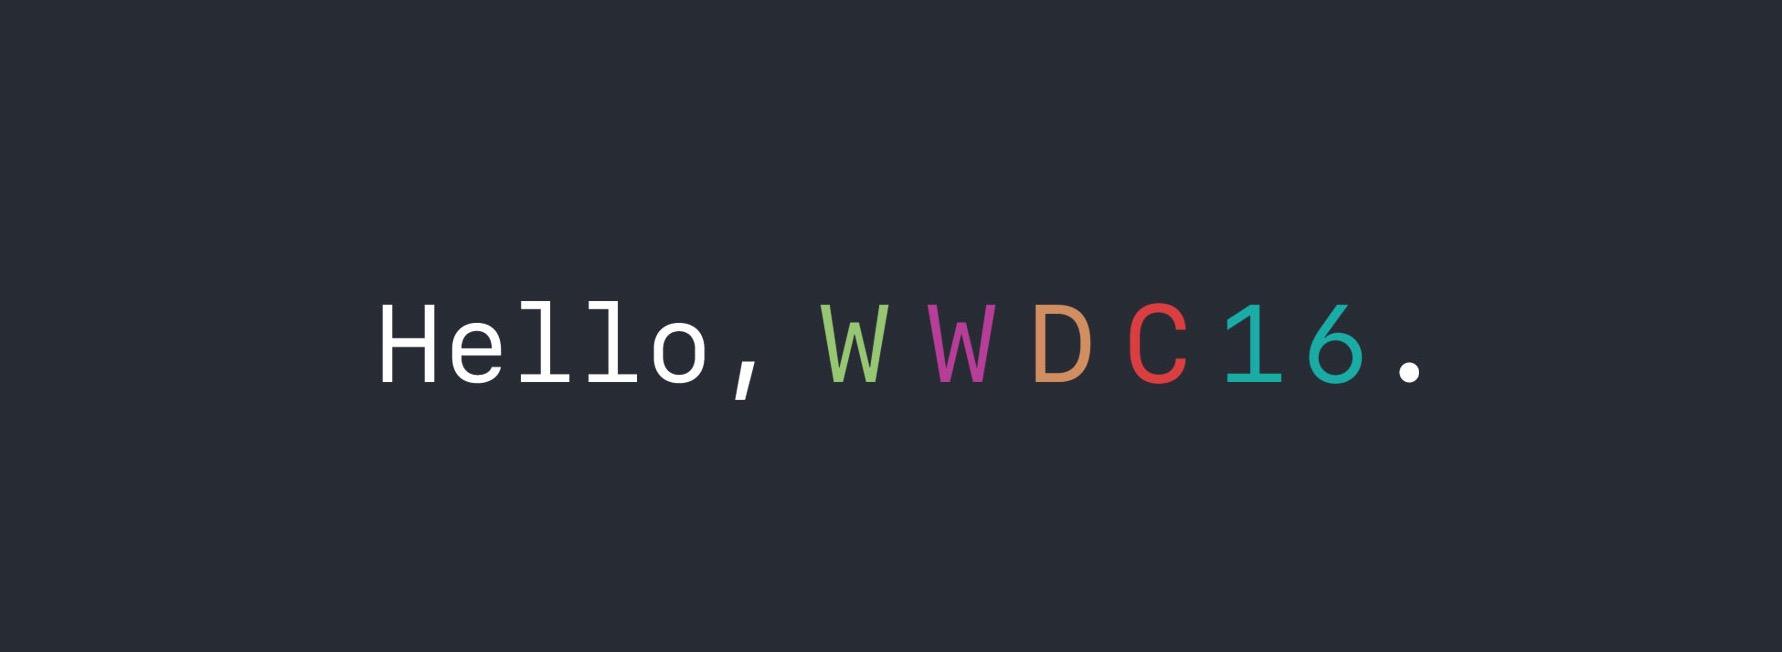 WWDC 2016 logo